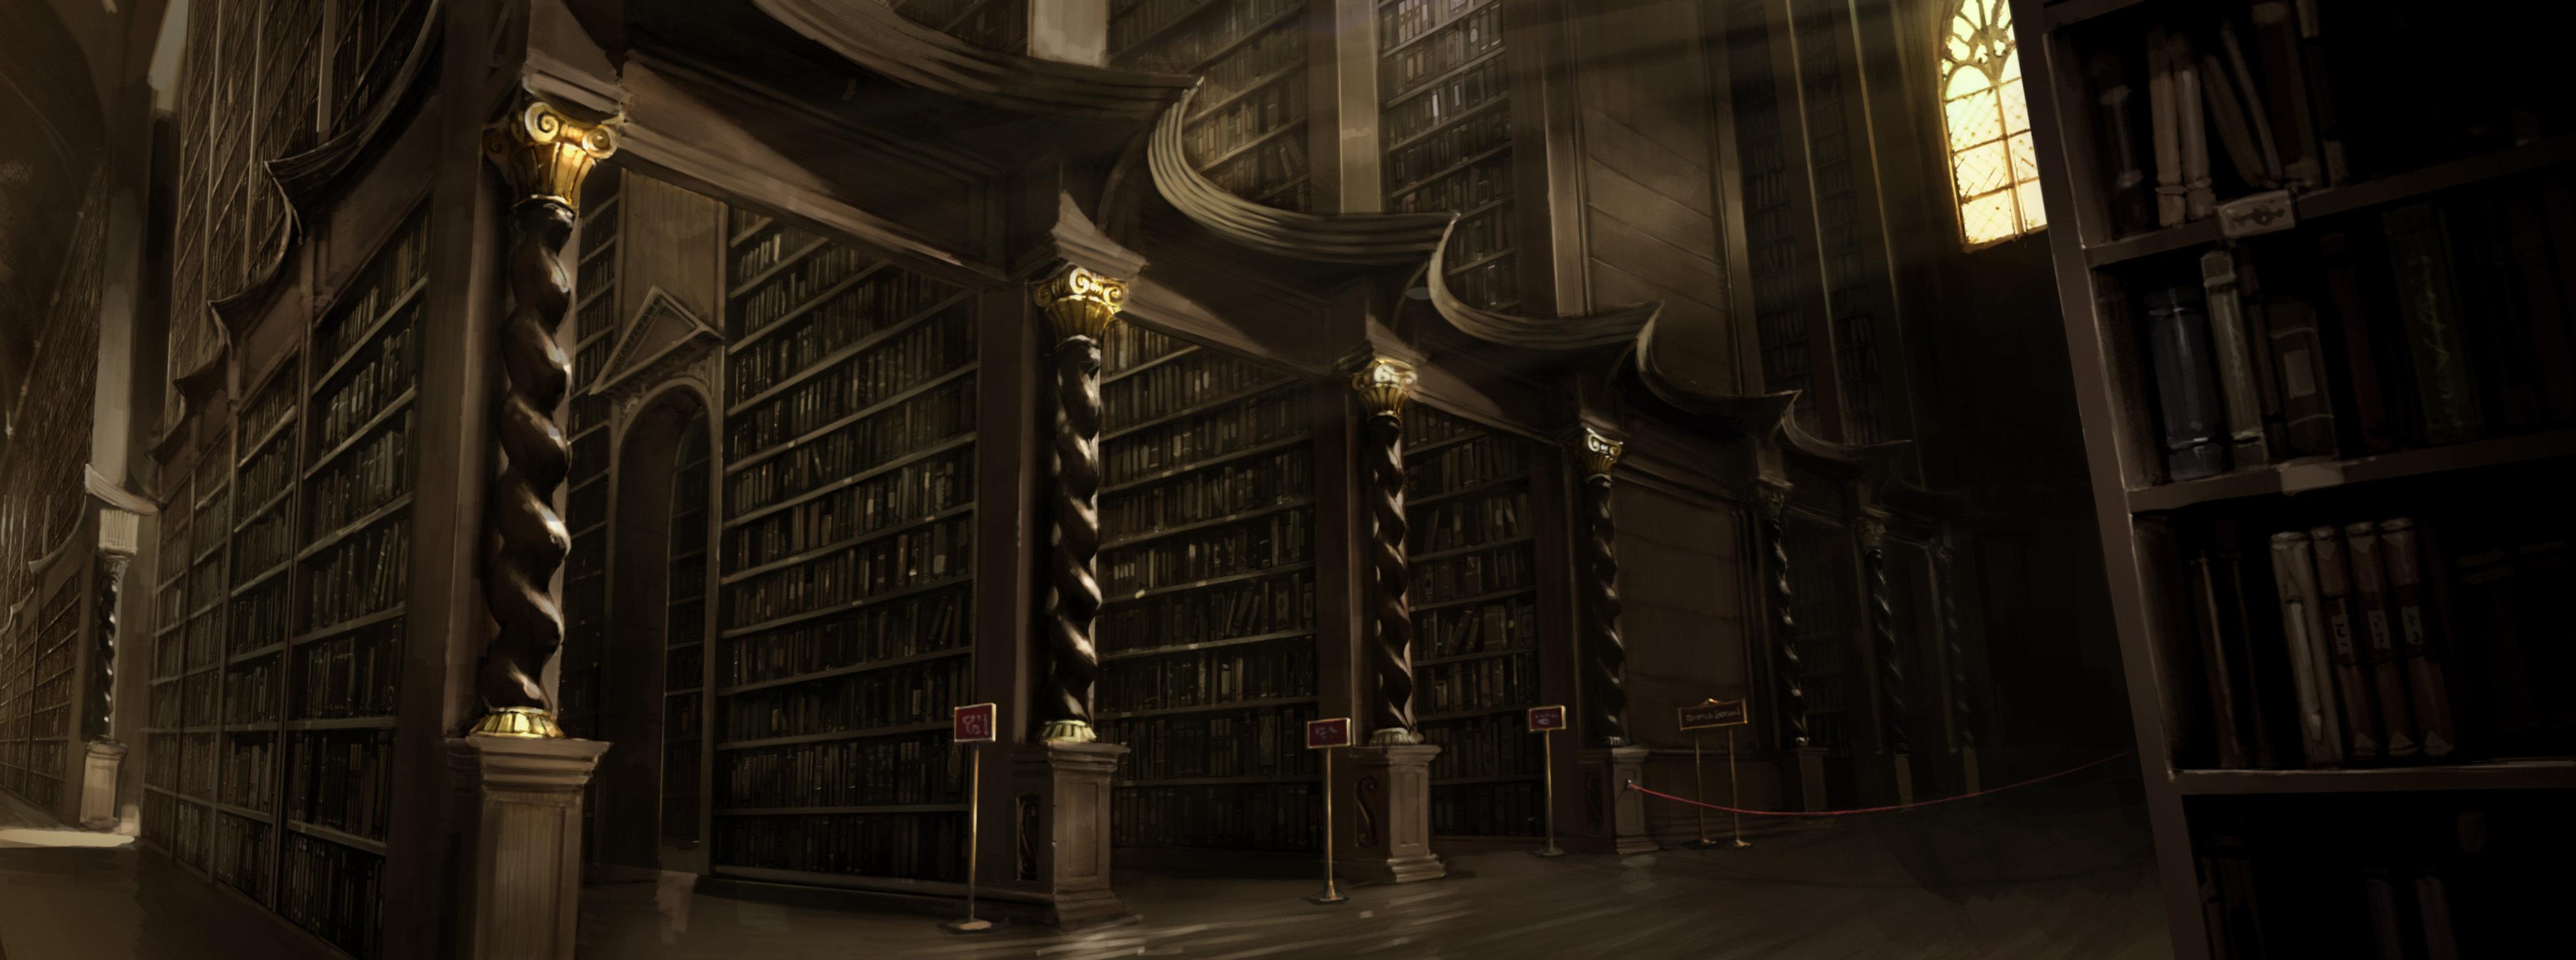 Projet Bibliothèque (territoire Blop) B1C12M1